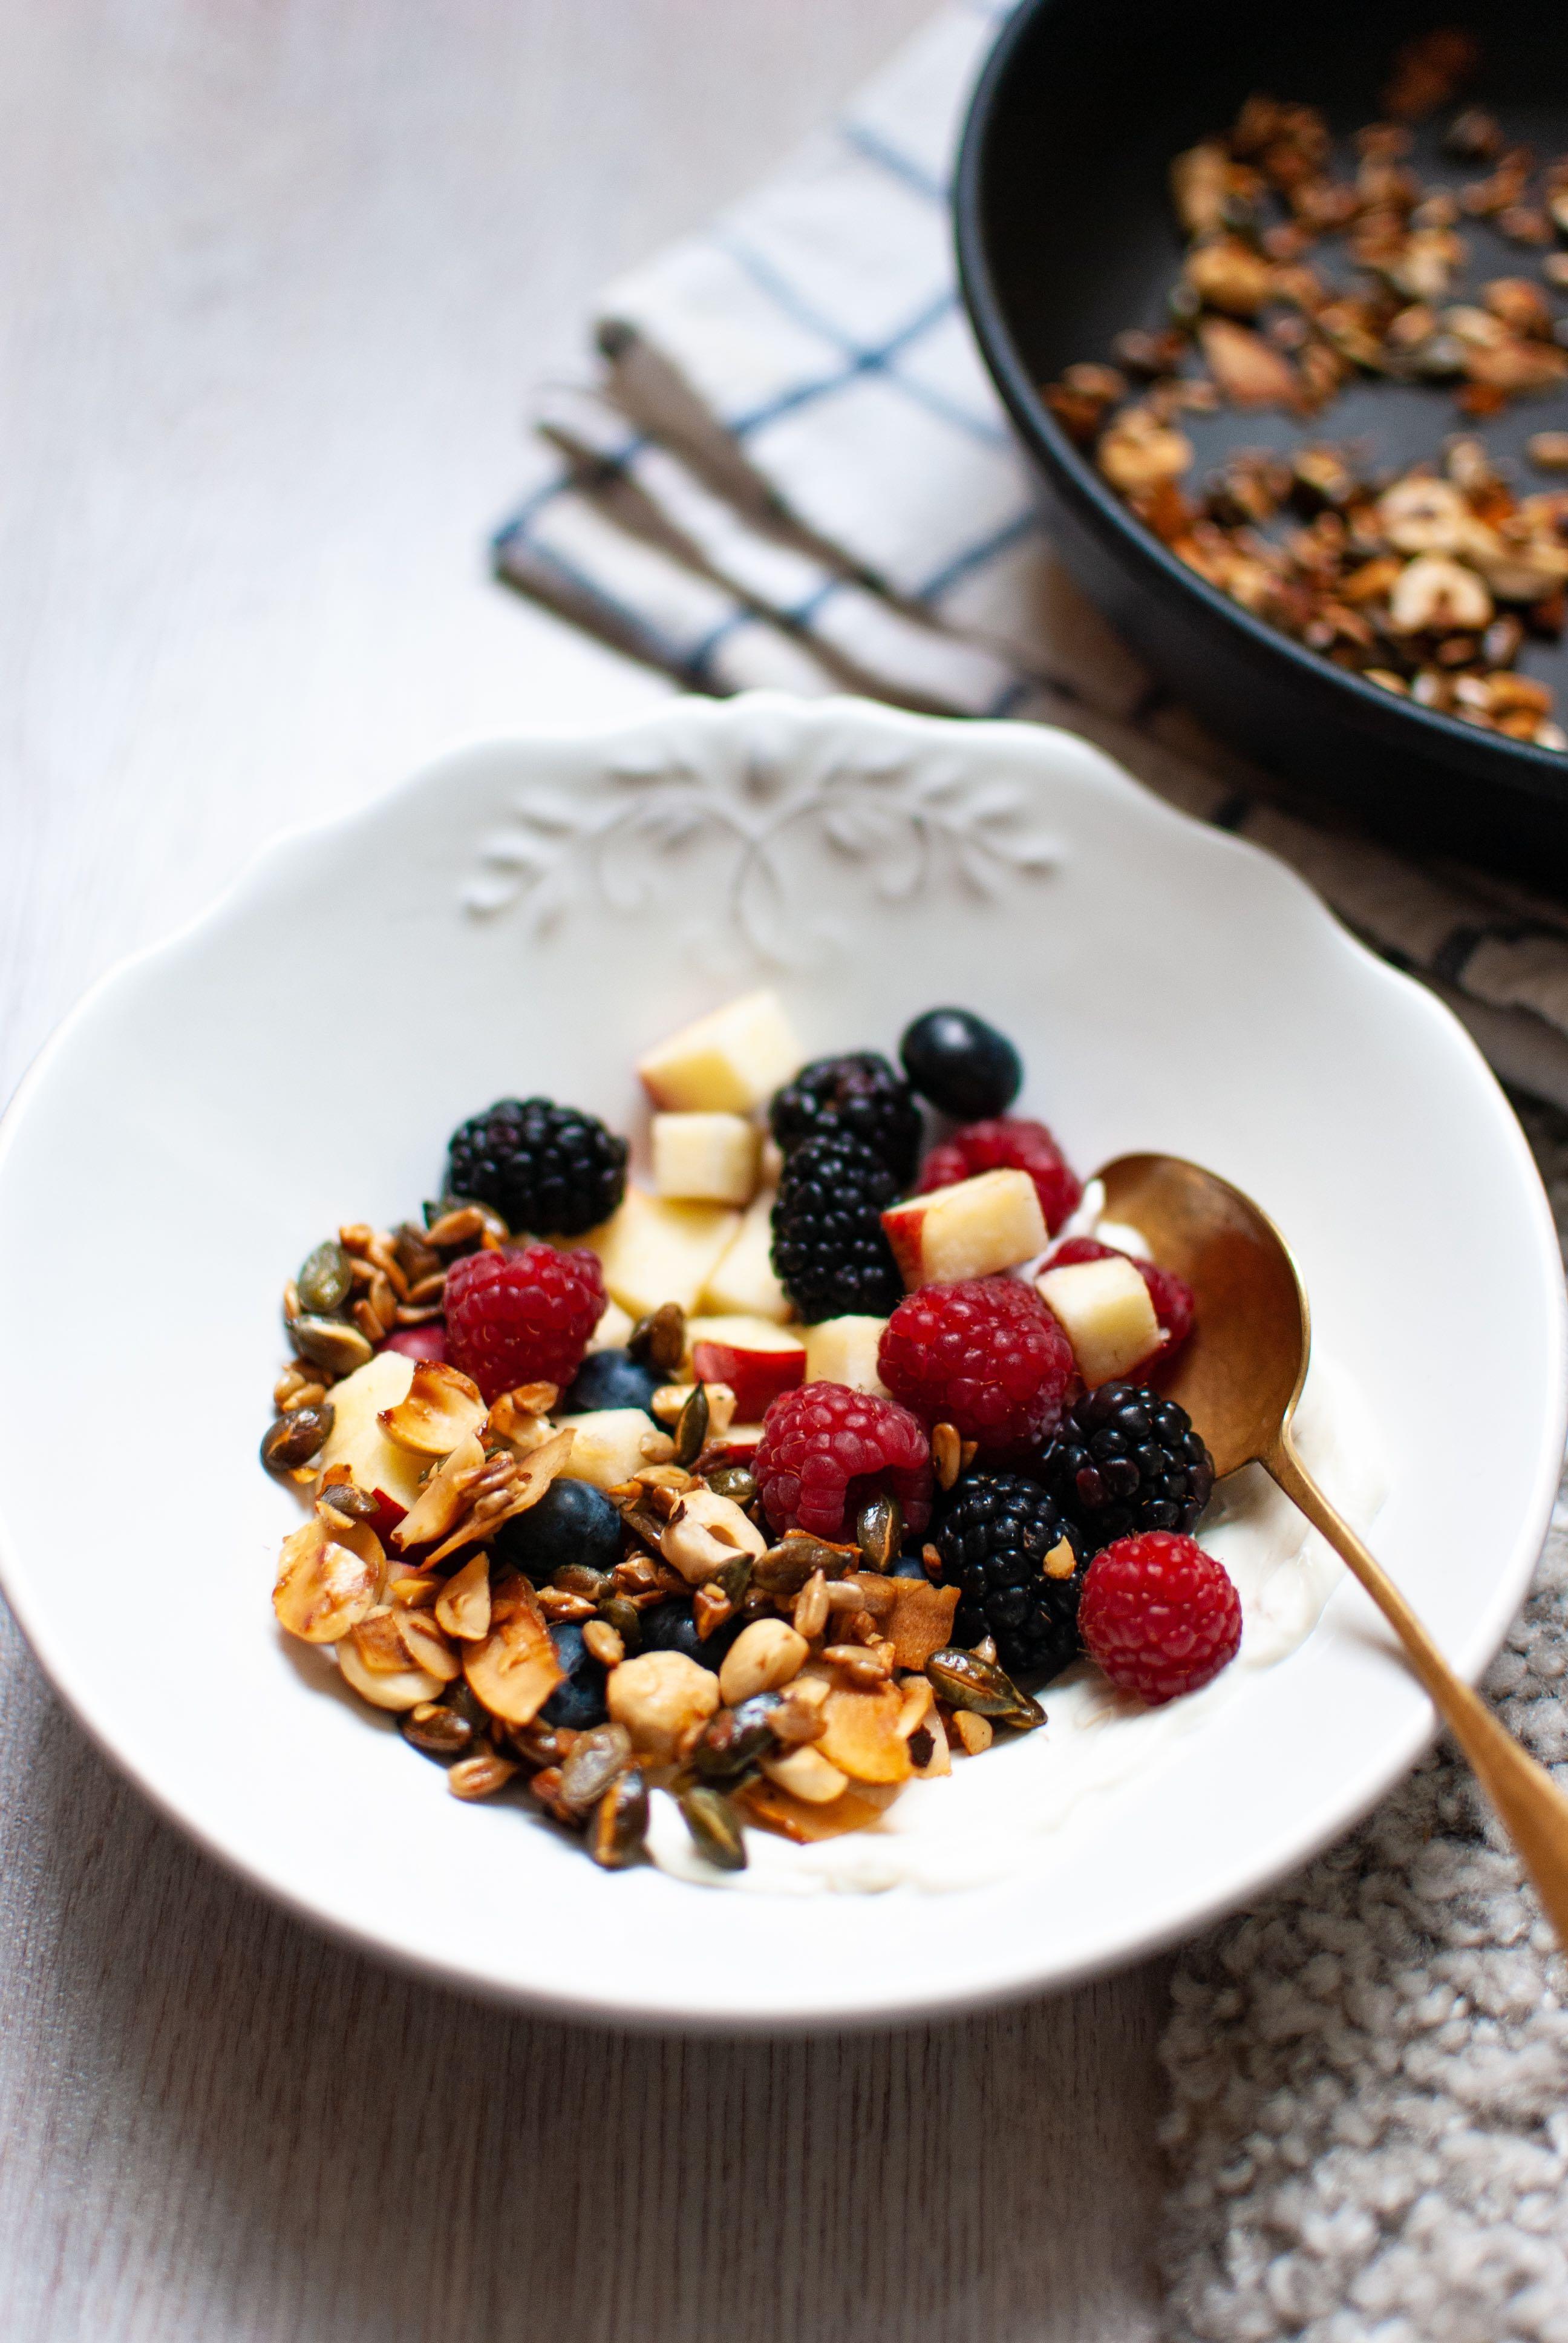 express skillet granola | please consider | joana limao